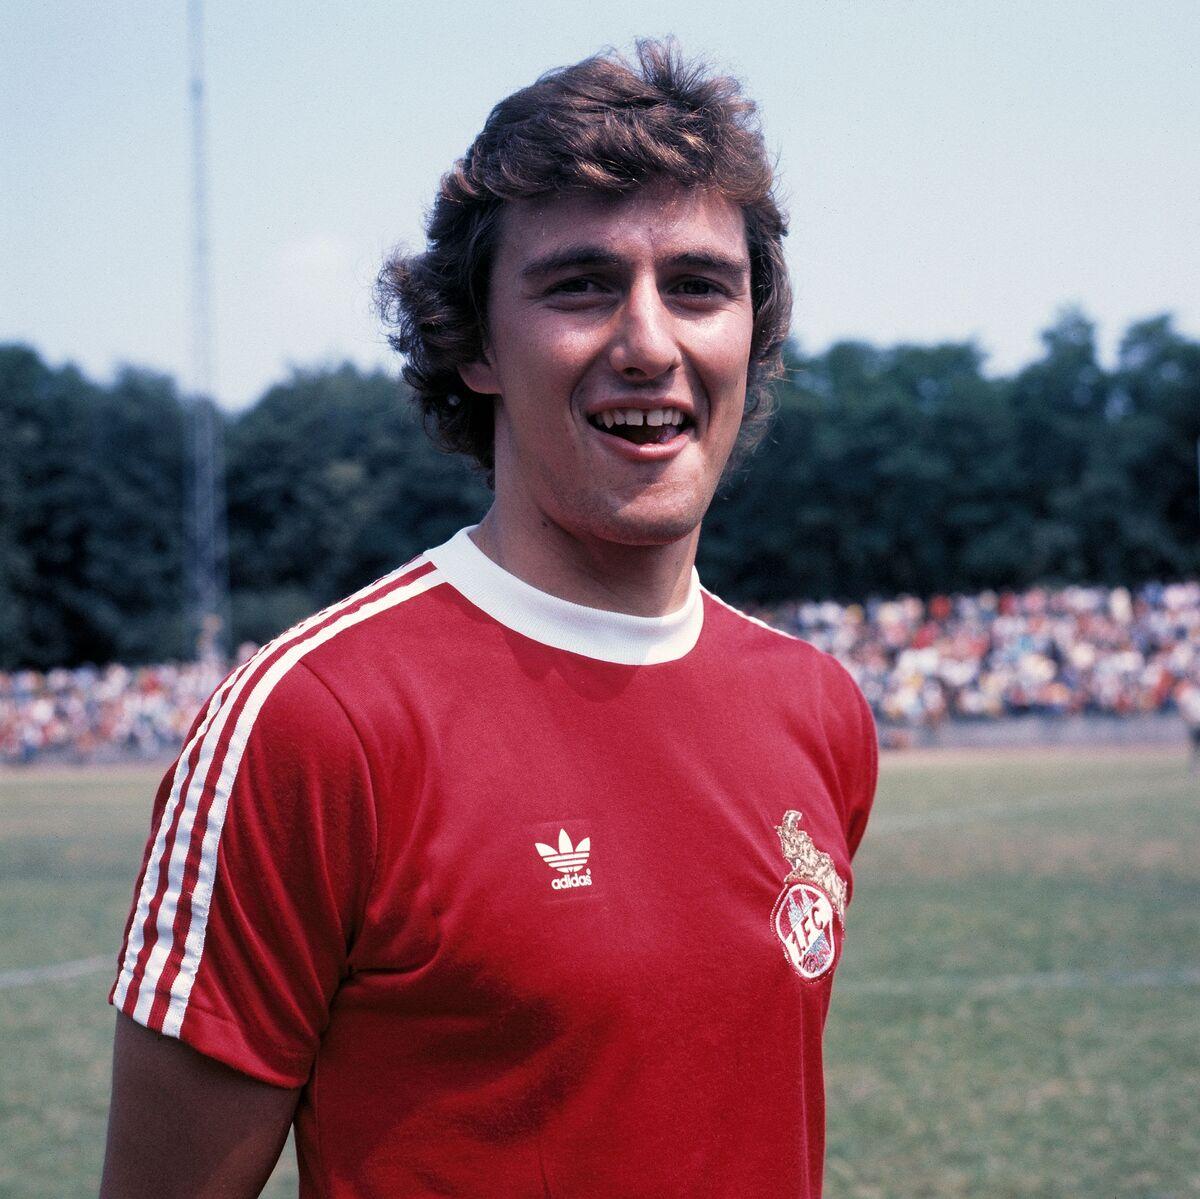 ديتر مولر لاعب ألمانيا الغربية